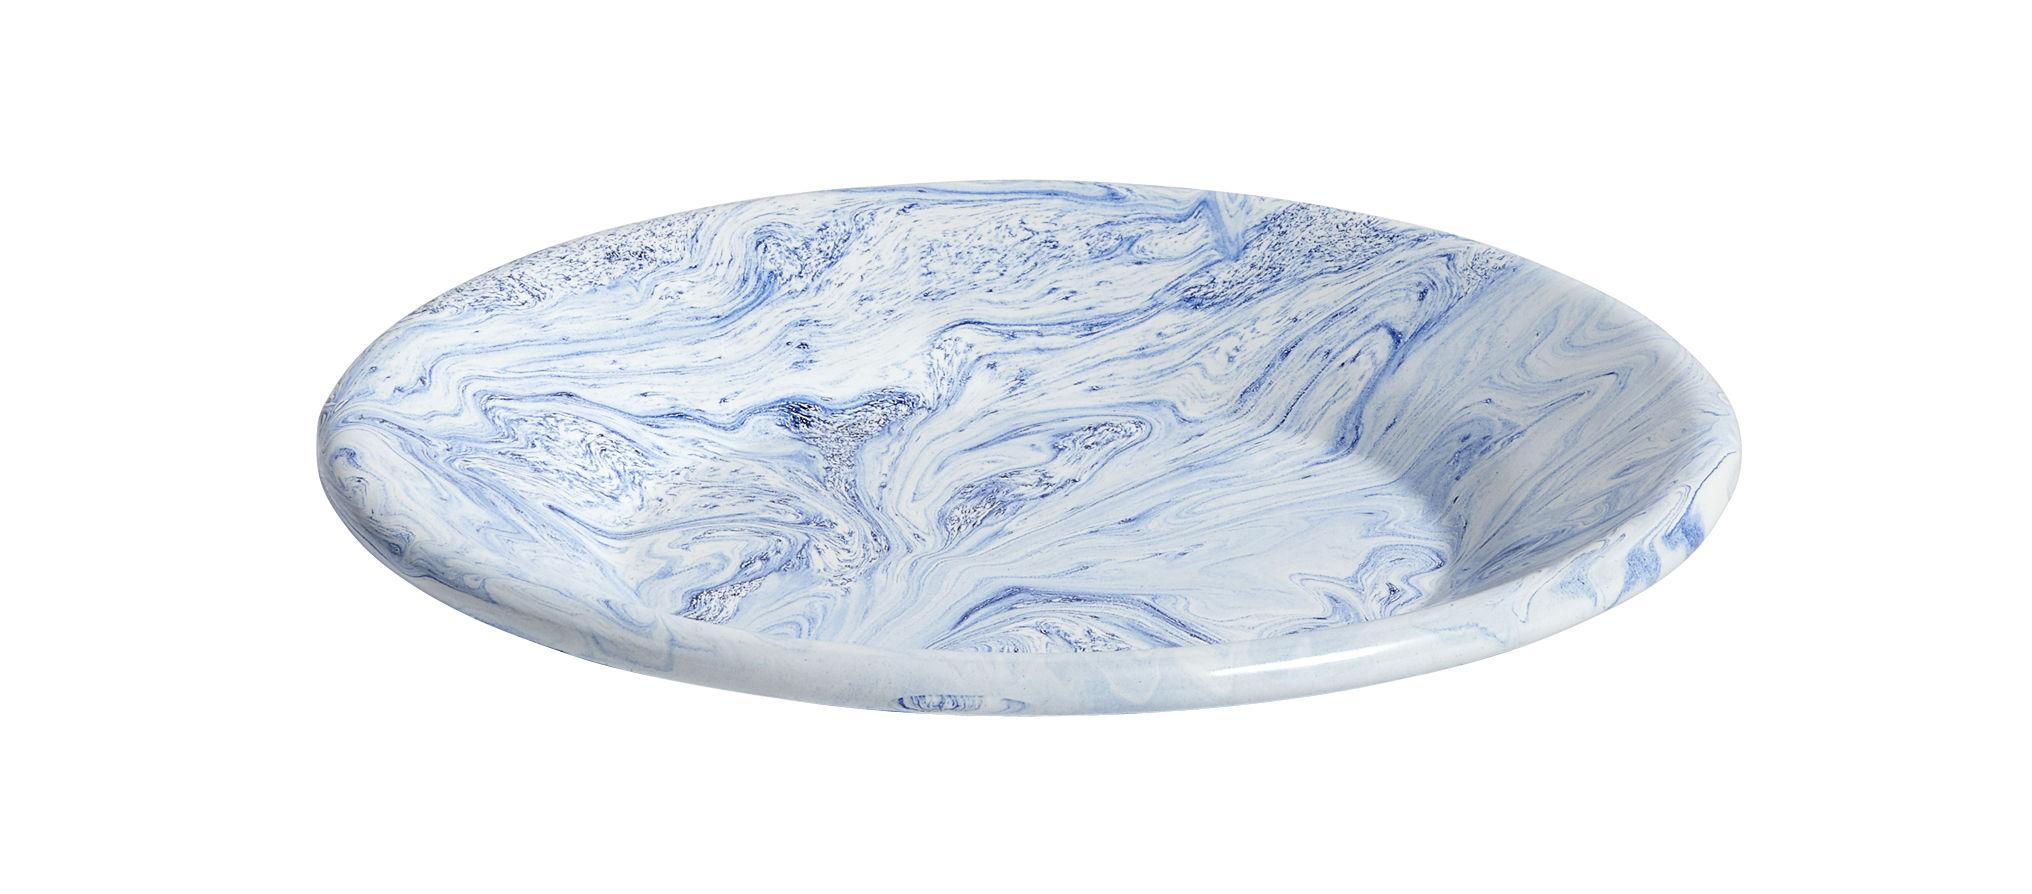 Arts de la table - Assiettes - Assiette à dessert Soft Ice / Ø 21 cm - Acier émaillé - Hay - Marbrures bleues - Acier émaillé